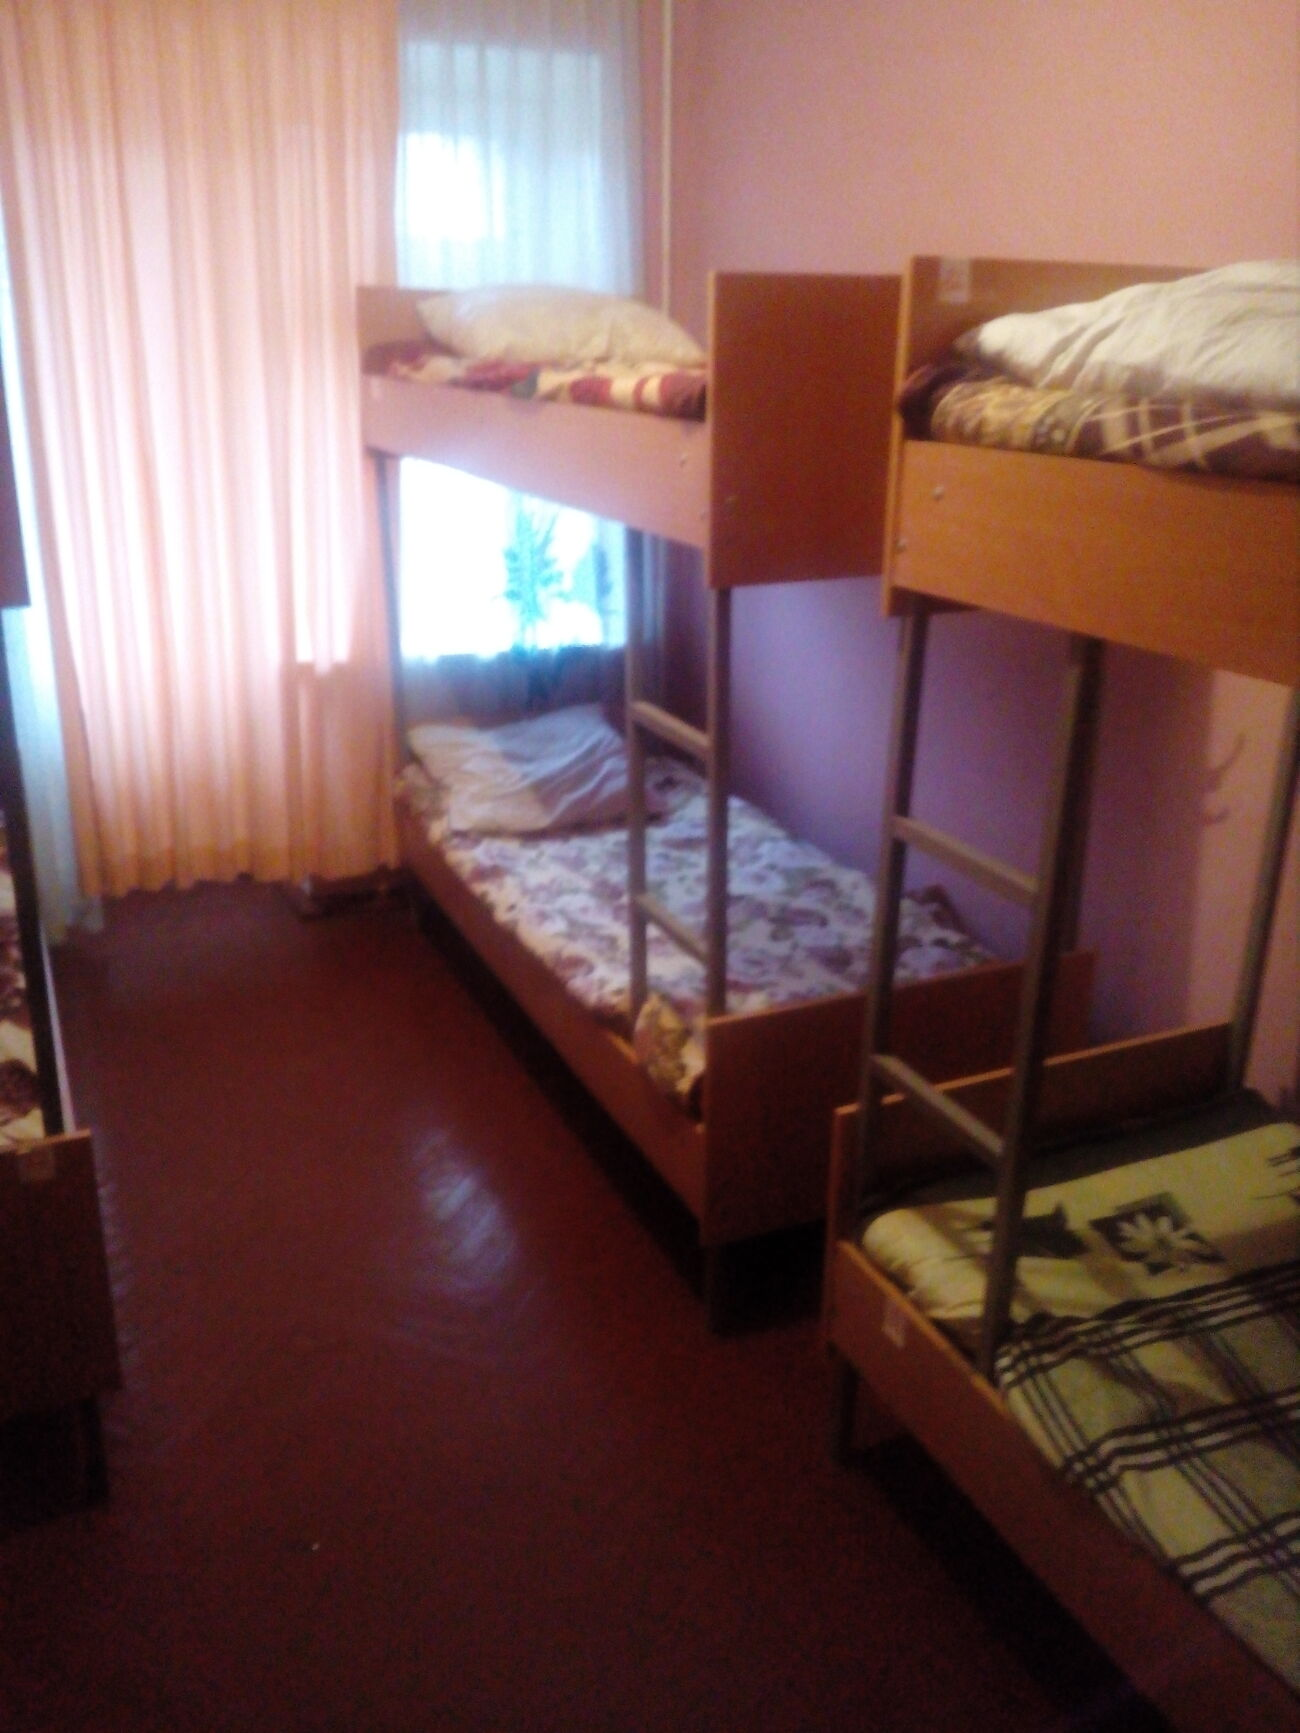 cдам койко-места в общежитии для бригад строителей. безналичный расчет